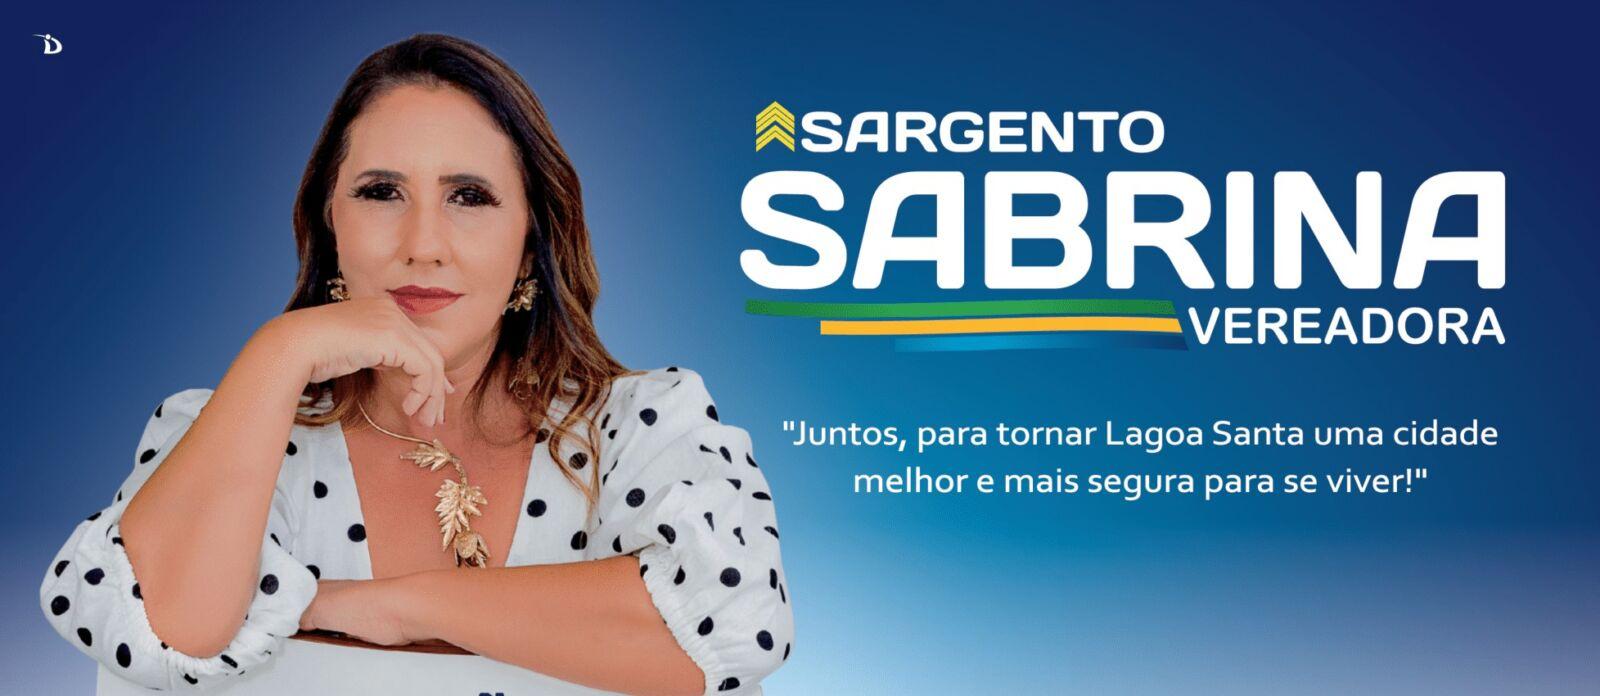 Prestação de Contas: Vereadora Sargento Sabrina, 6 meses de mandato